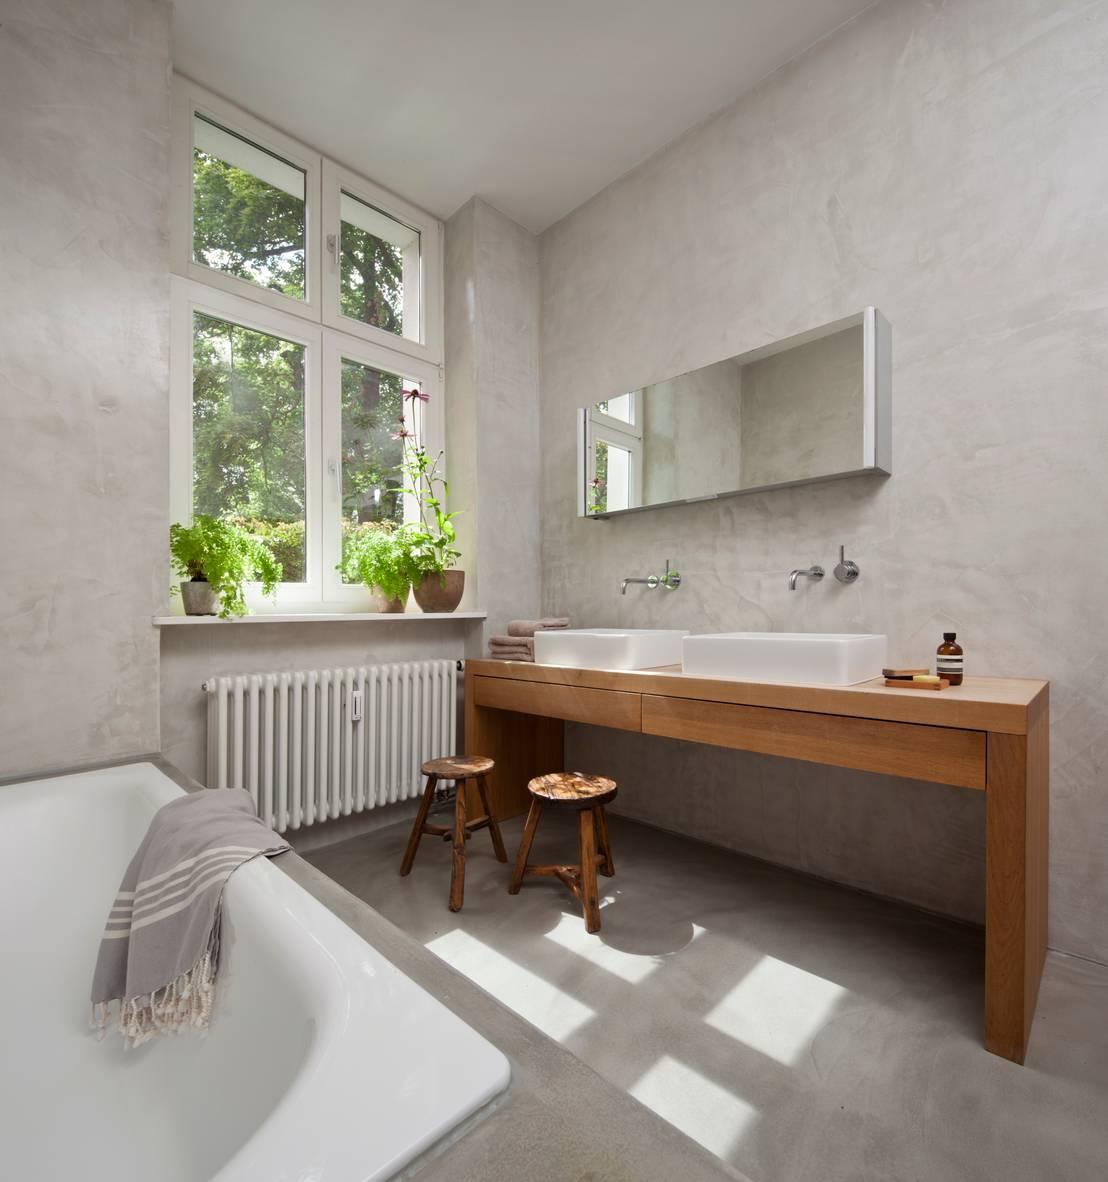 Badezimmer potsdam von britta wei er innenarchitektur homify for Innenarchitektur badezimmer